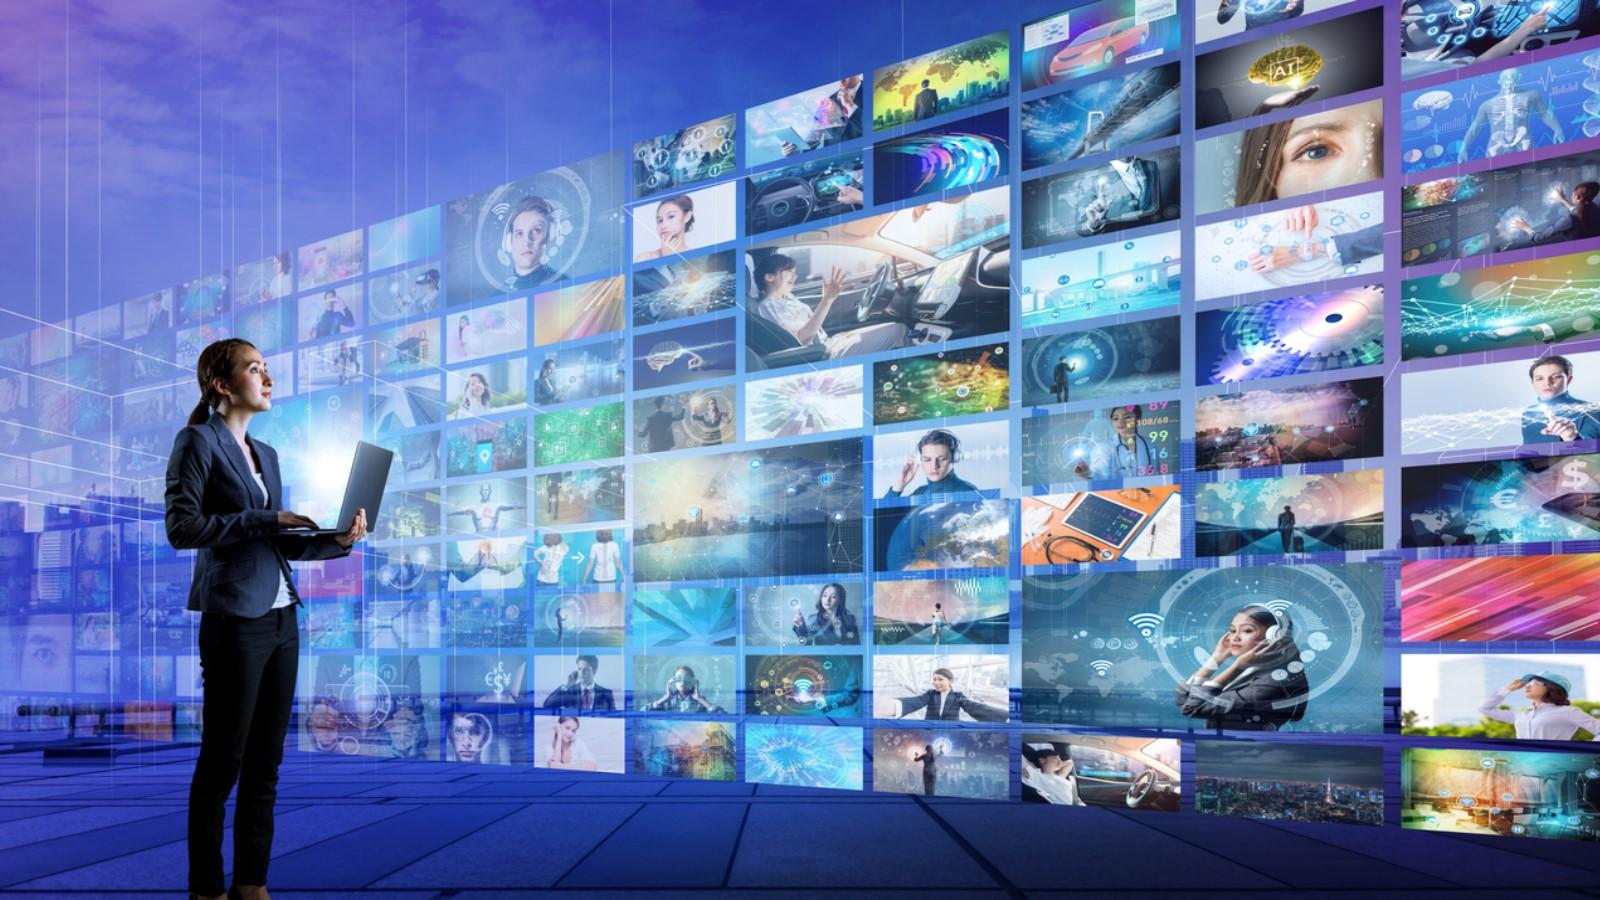 Estudi UOC: La tv recupera al públic jove, amb la pandèmia